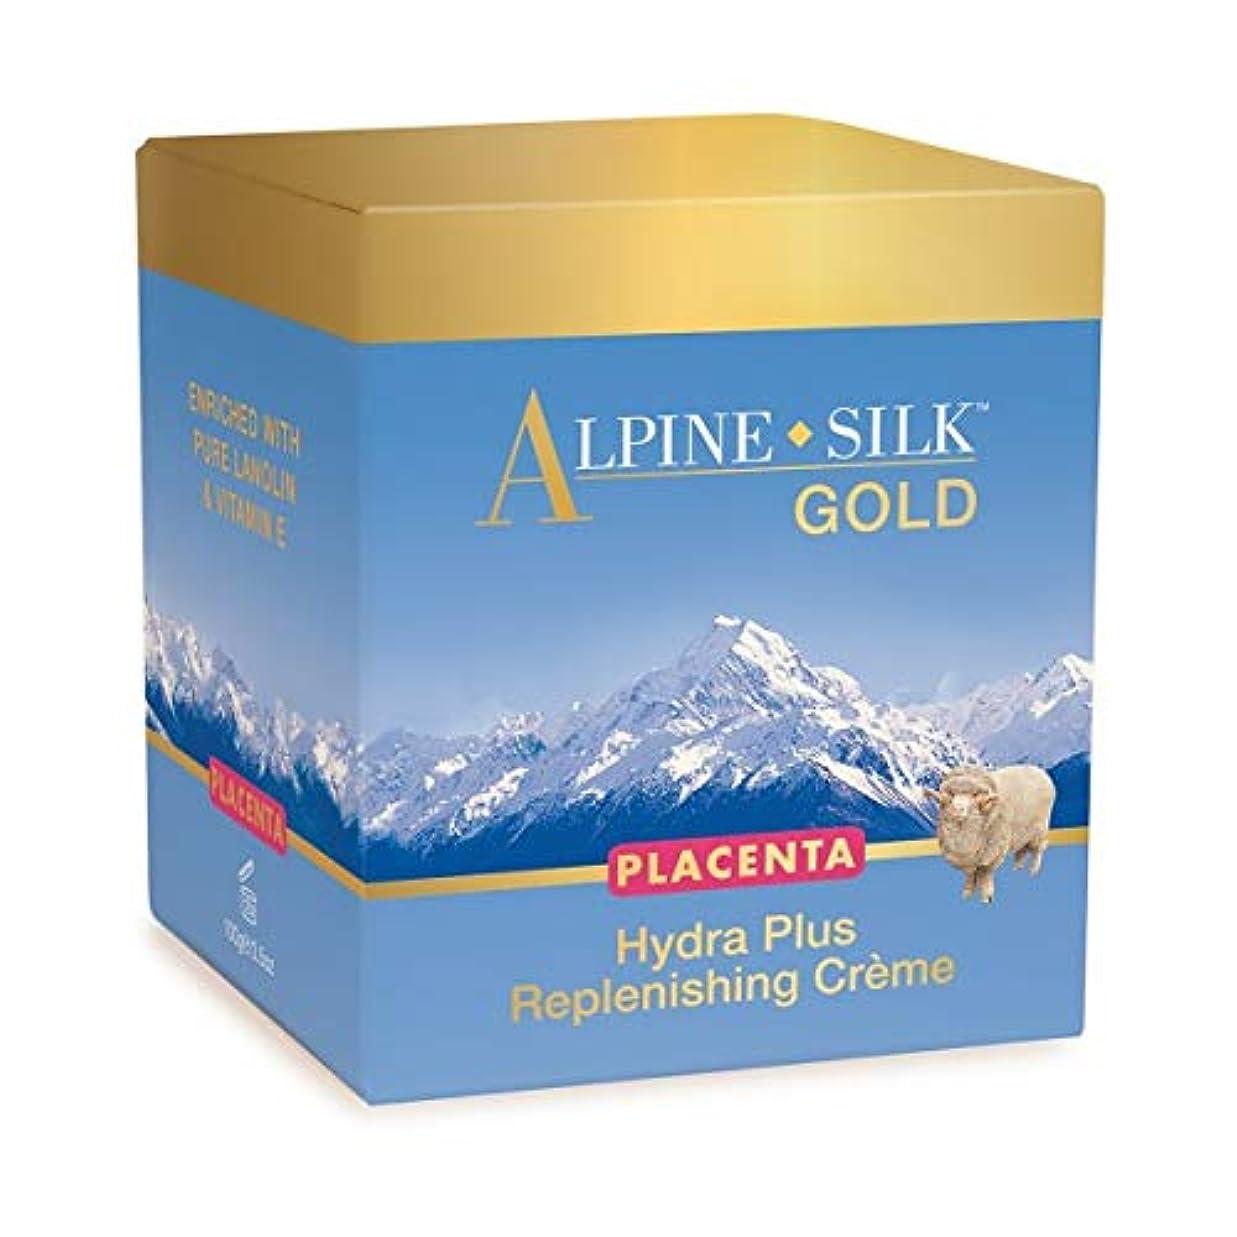 試みる気候の山防衛プラセンタ モイスチャークリーム アルパインシルク ゴールド 海外直送品